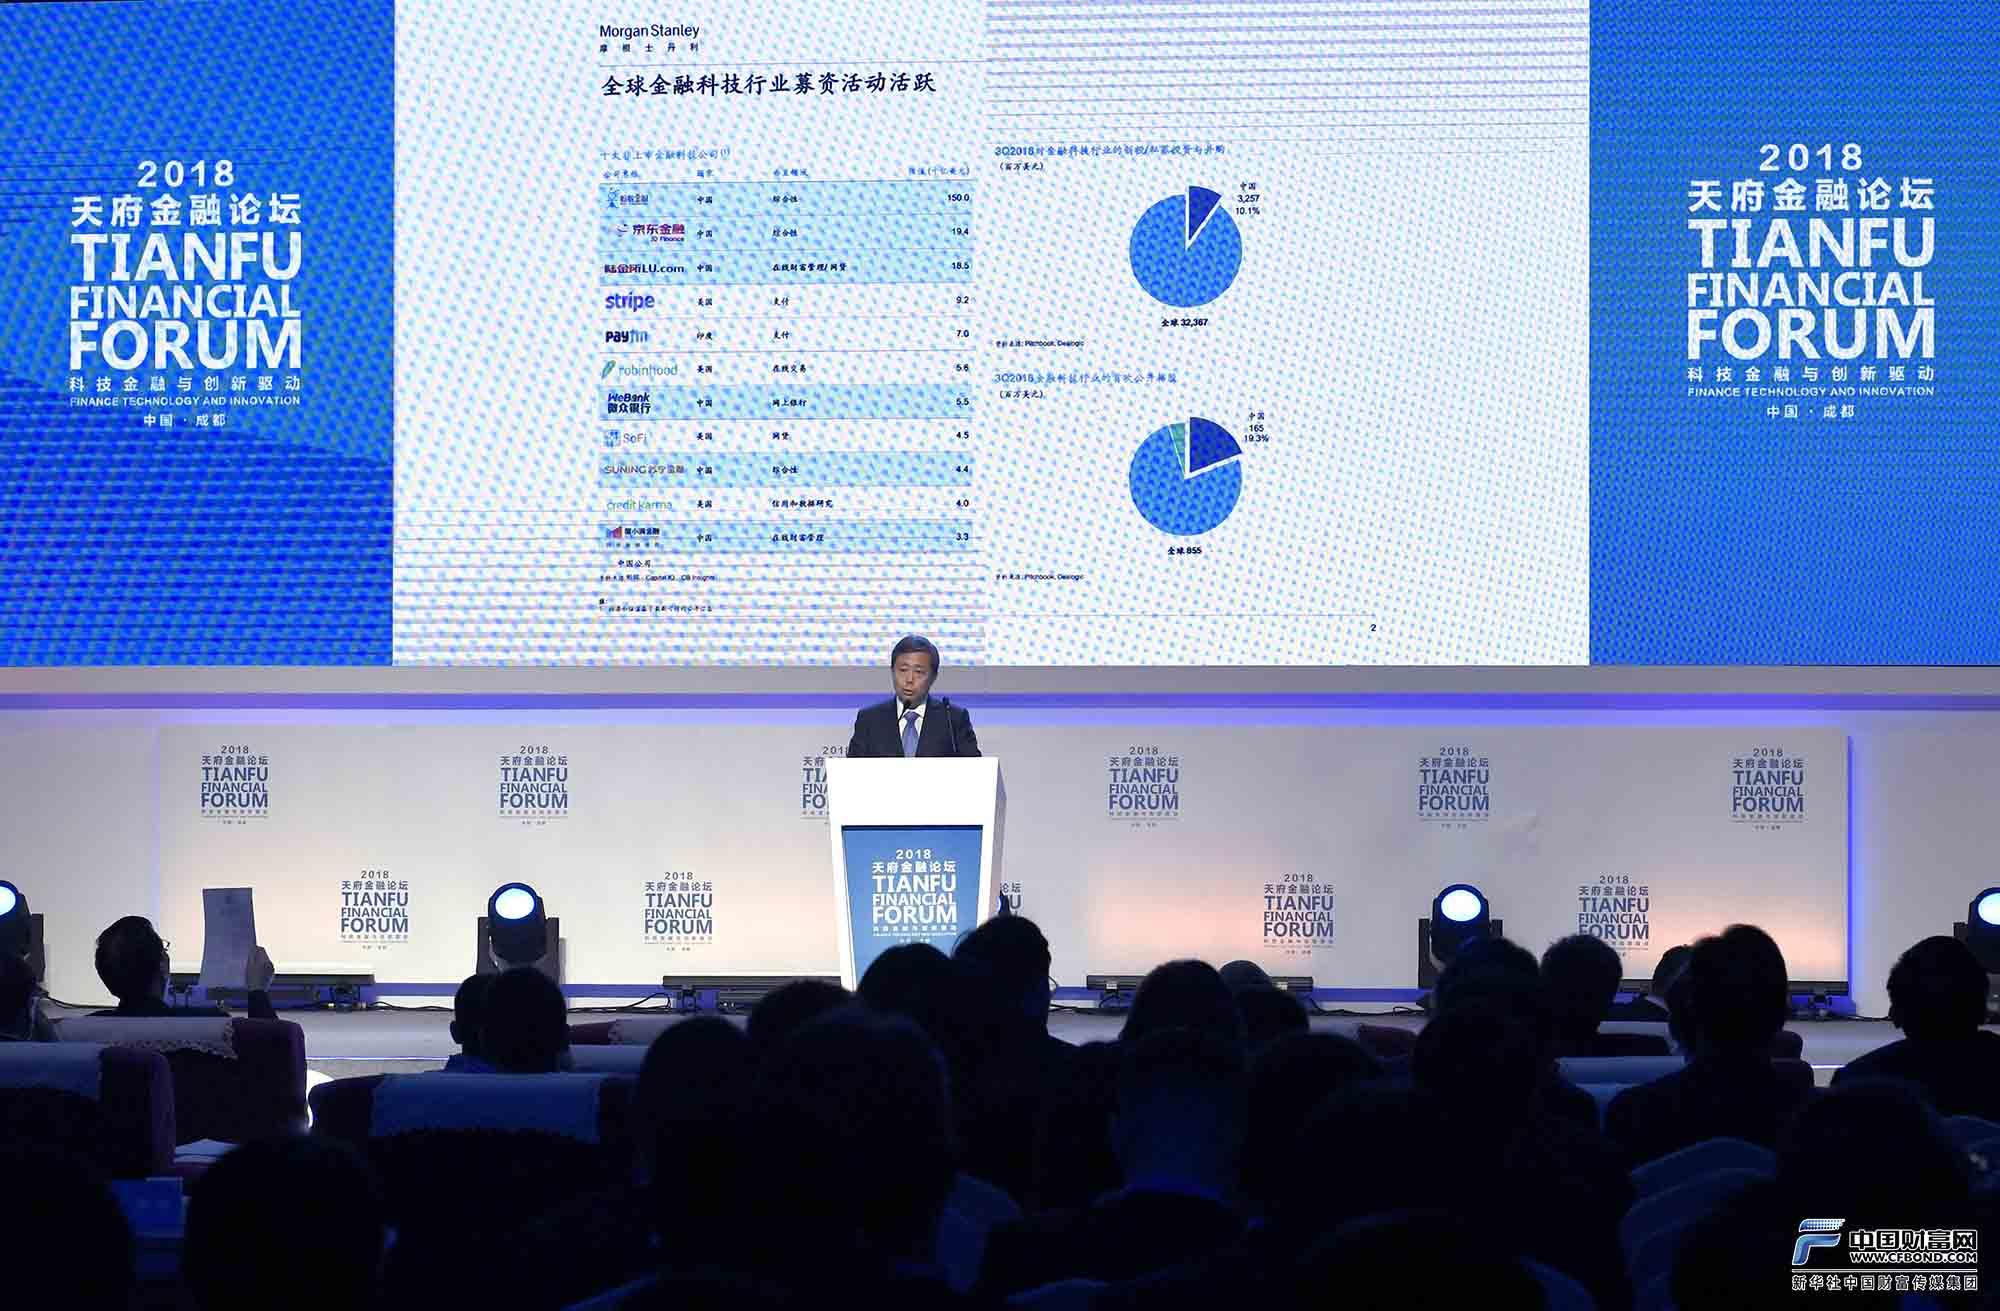 摩根士丹利董事总经理、投资银行部亚太区主管张欣